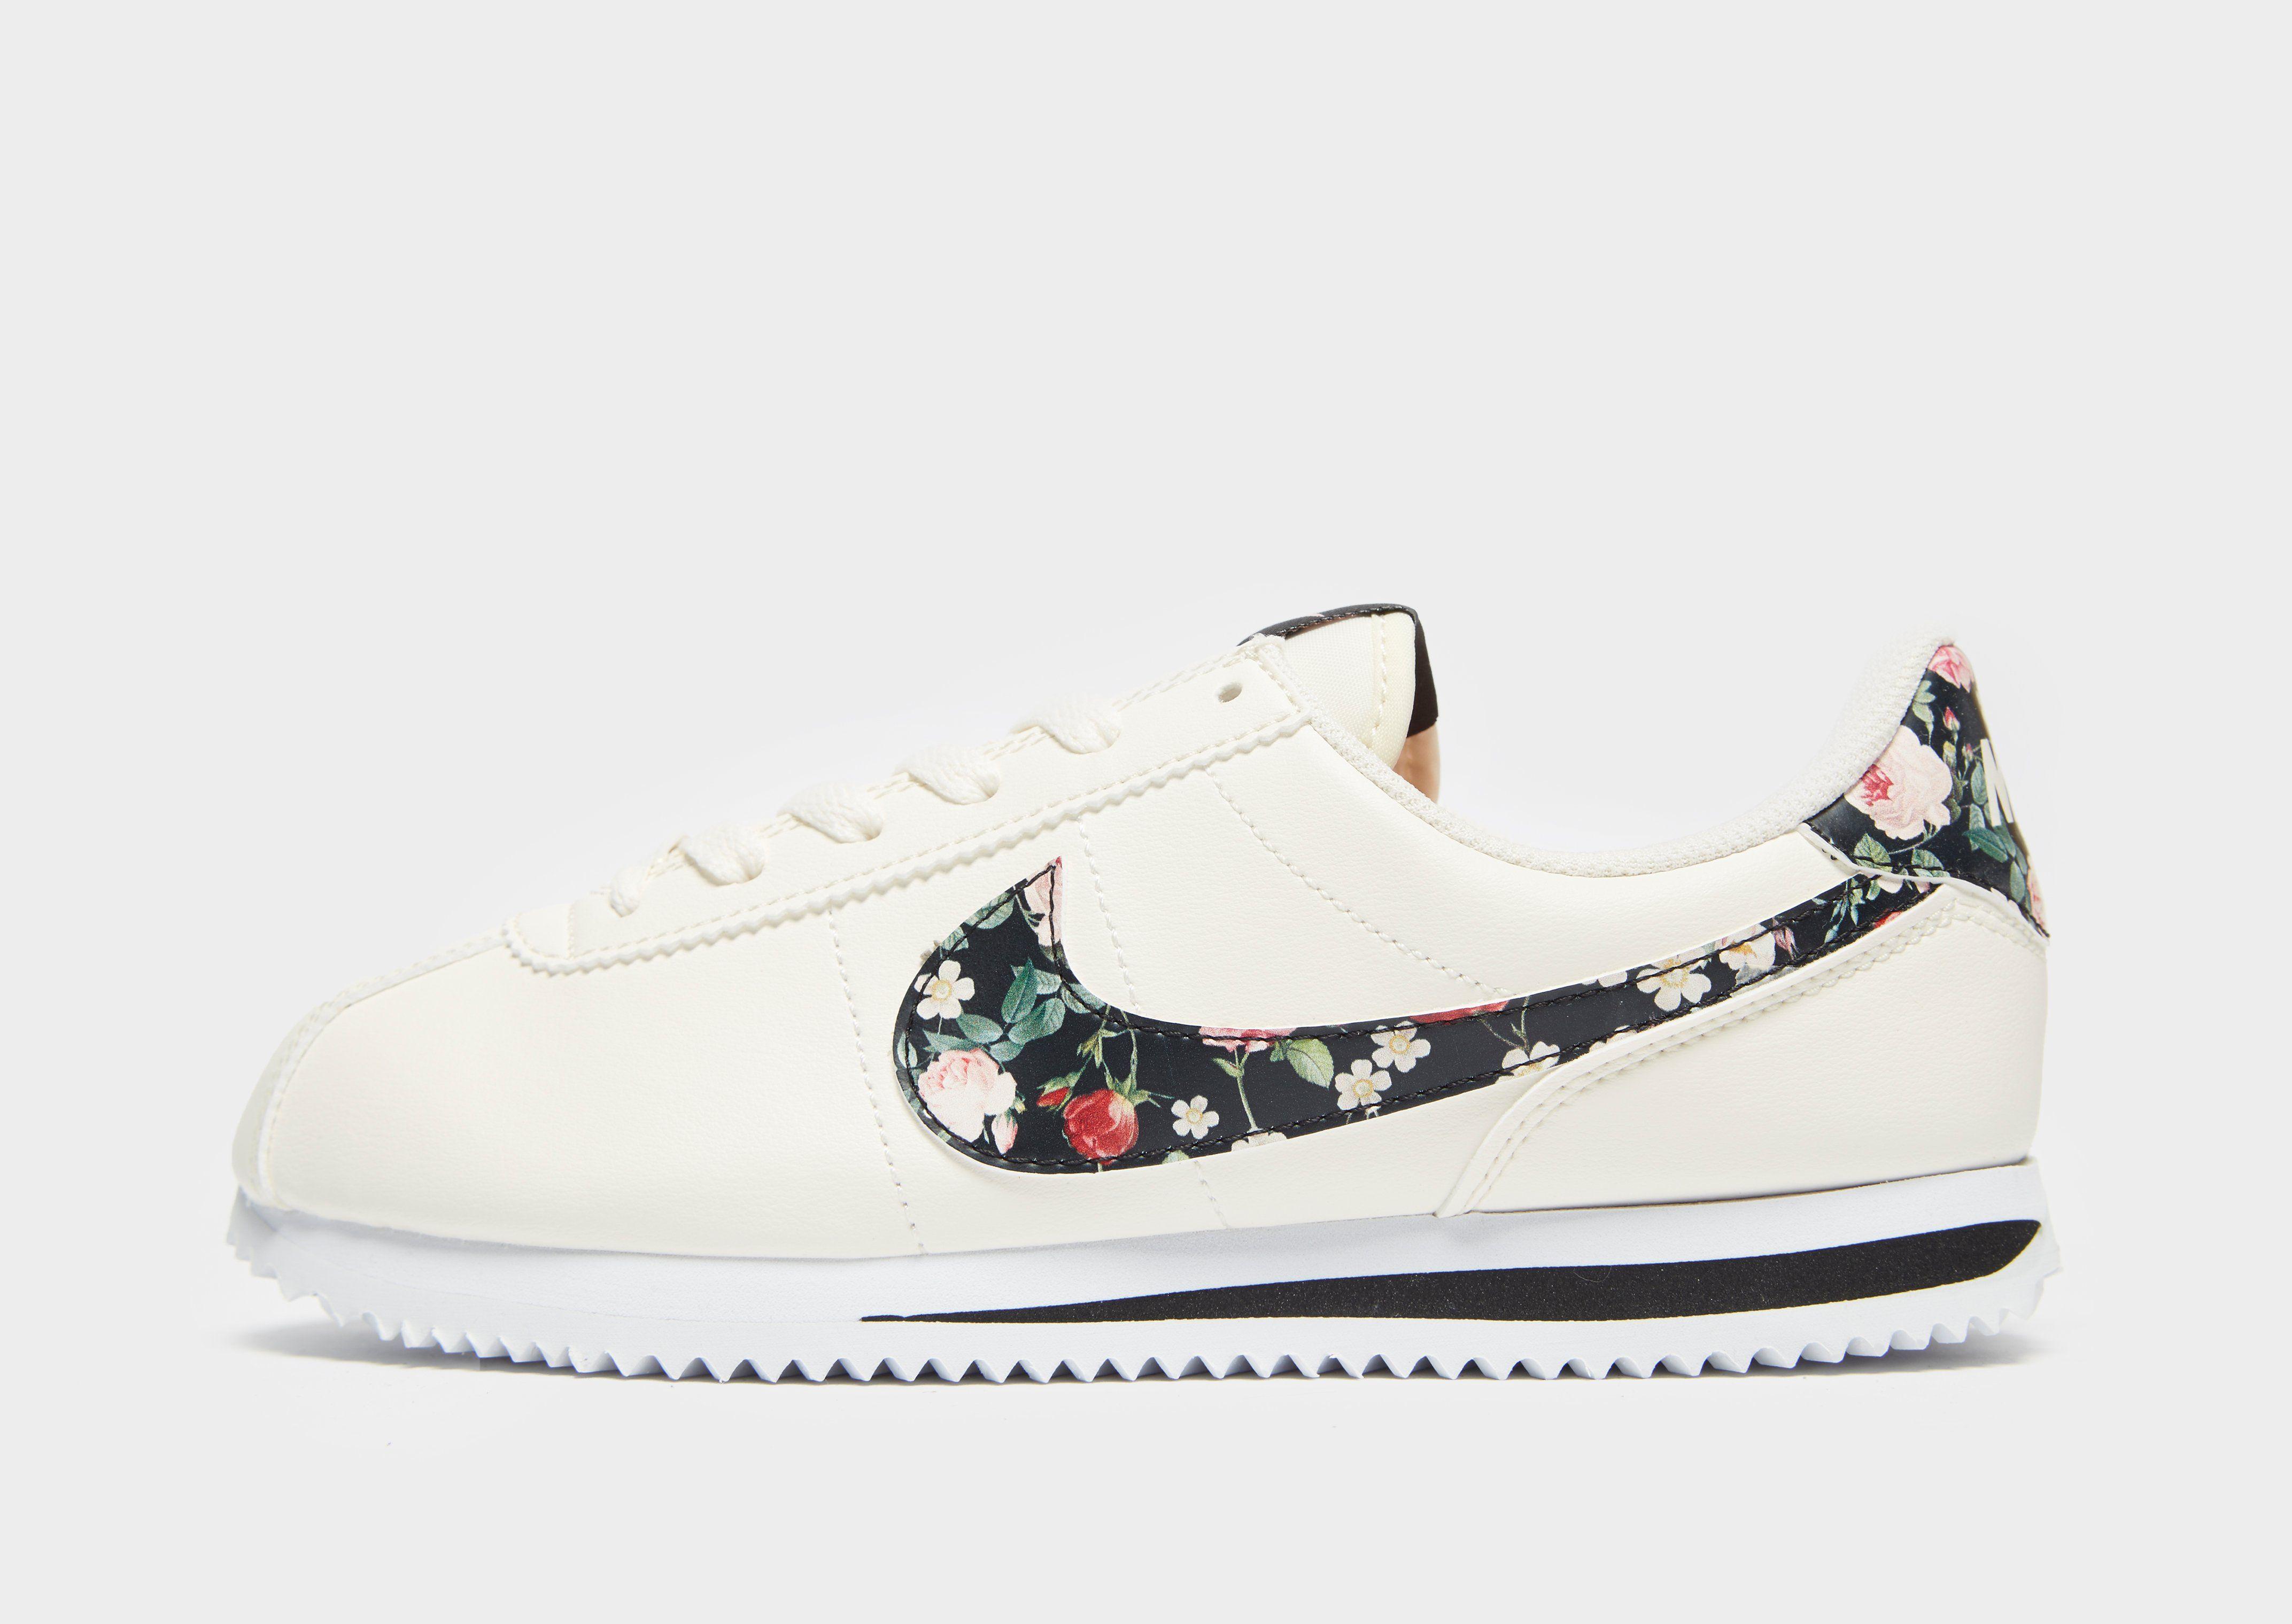 on sale a9f41 0516f Nike Cortez Basic Vintage Floral Older Kids' Shoe   JD Sports